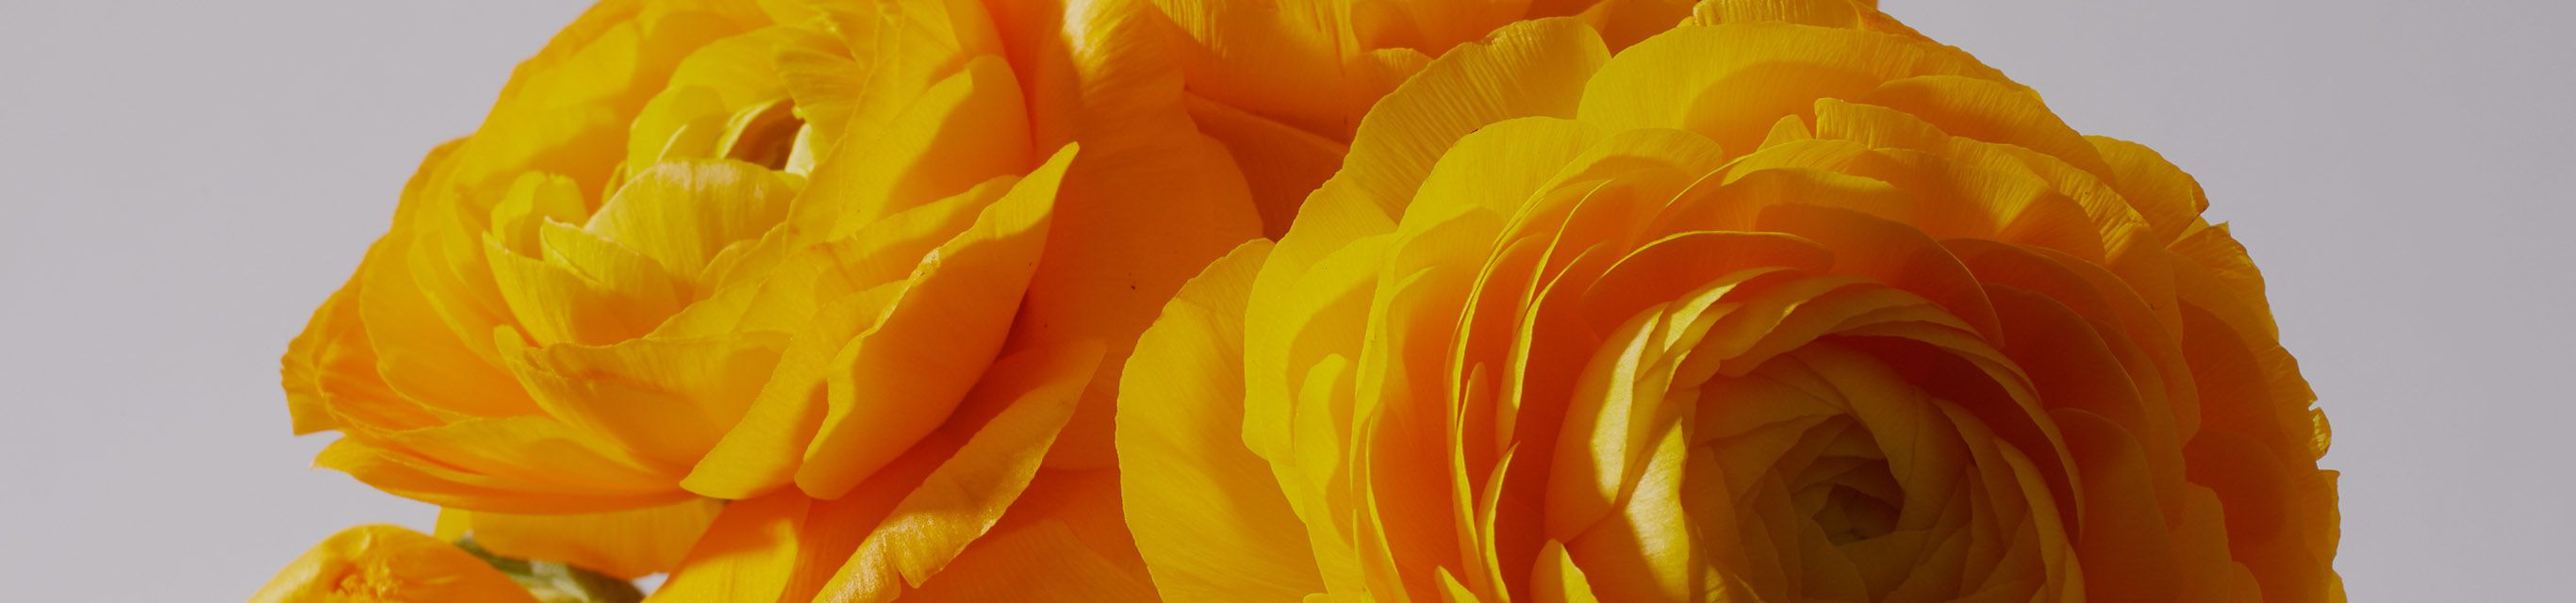 rununculus flowers